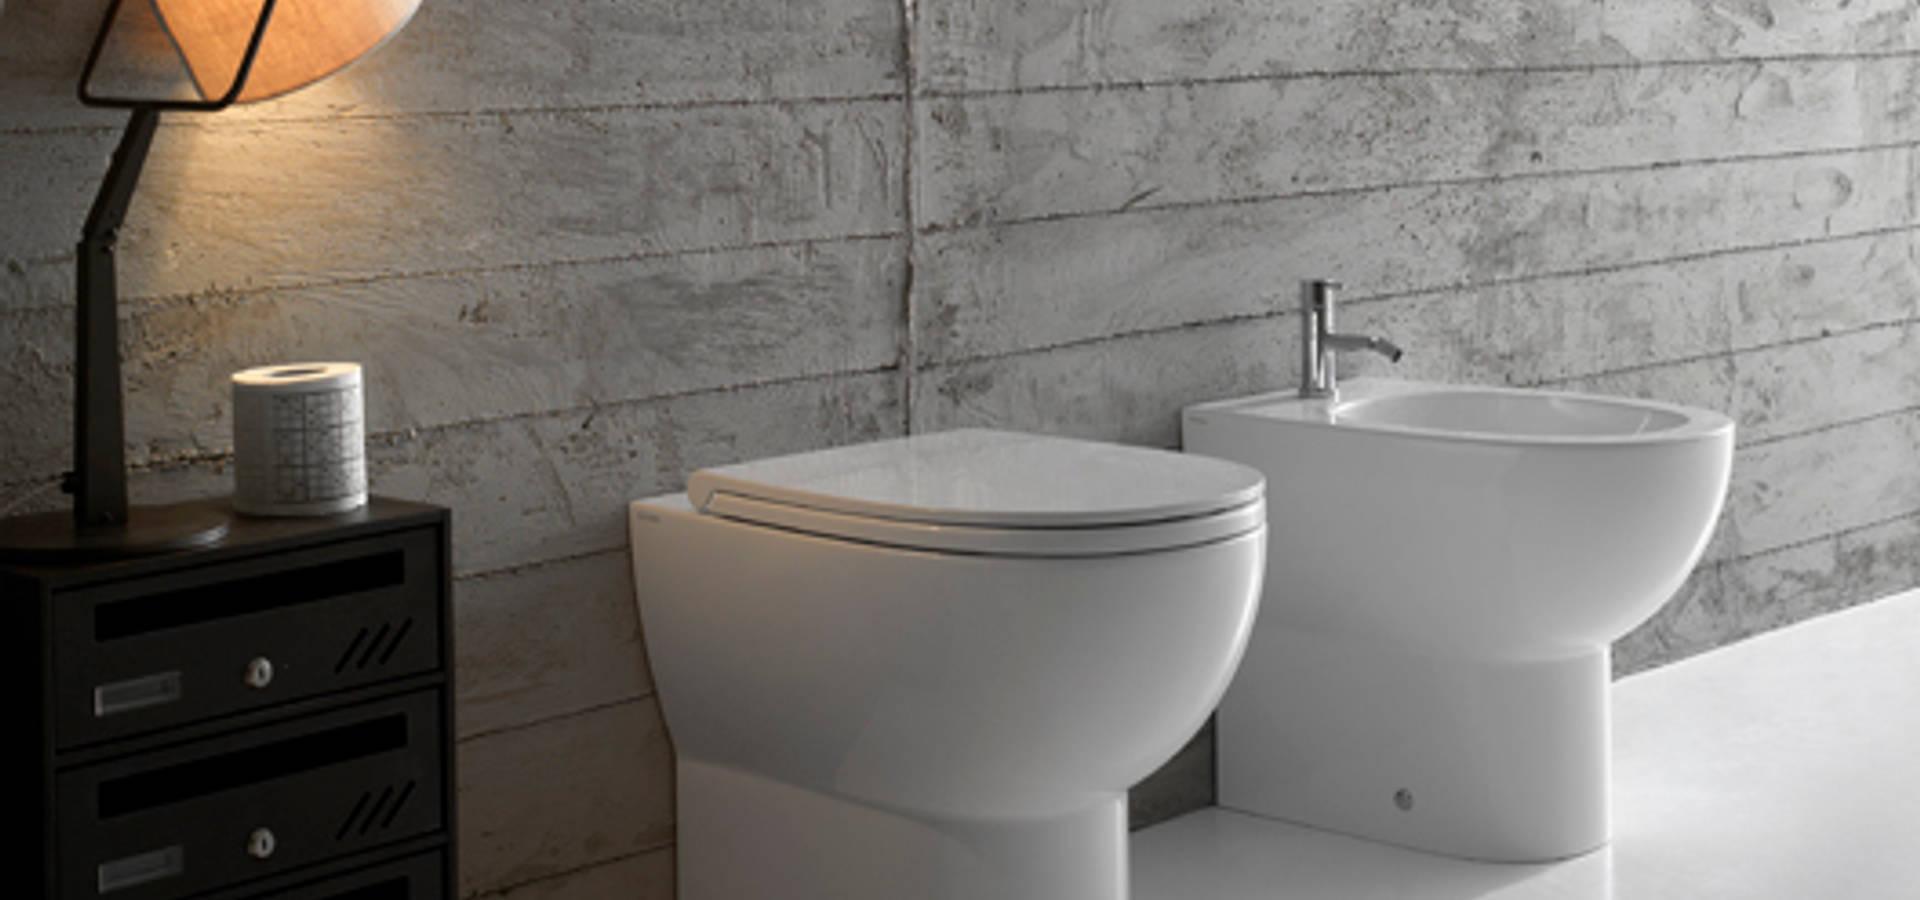 Sanitari bagno piccoli di bagno chic homify - Dimensioni sanitari bagno piccoli ...